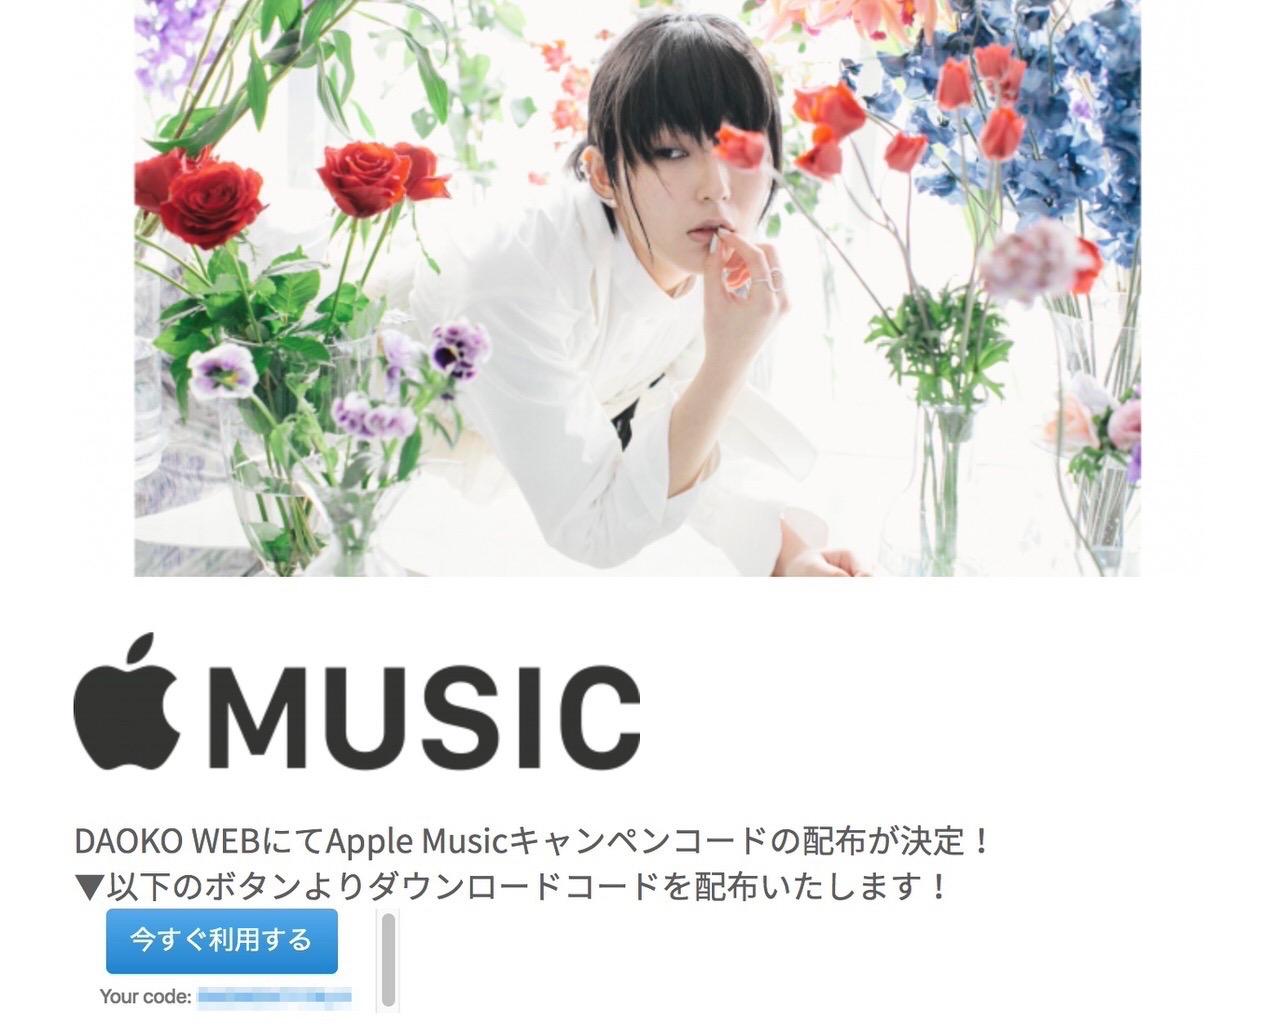 DAOKO、公式サイトで1ヶ月無料のApple Musicキャンペンコードを配布中